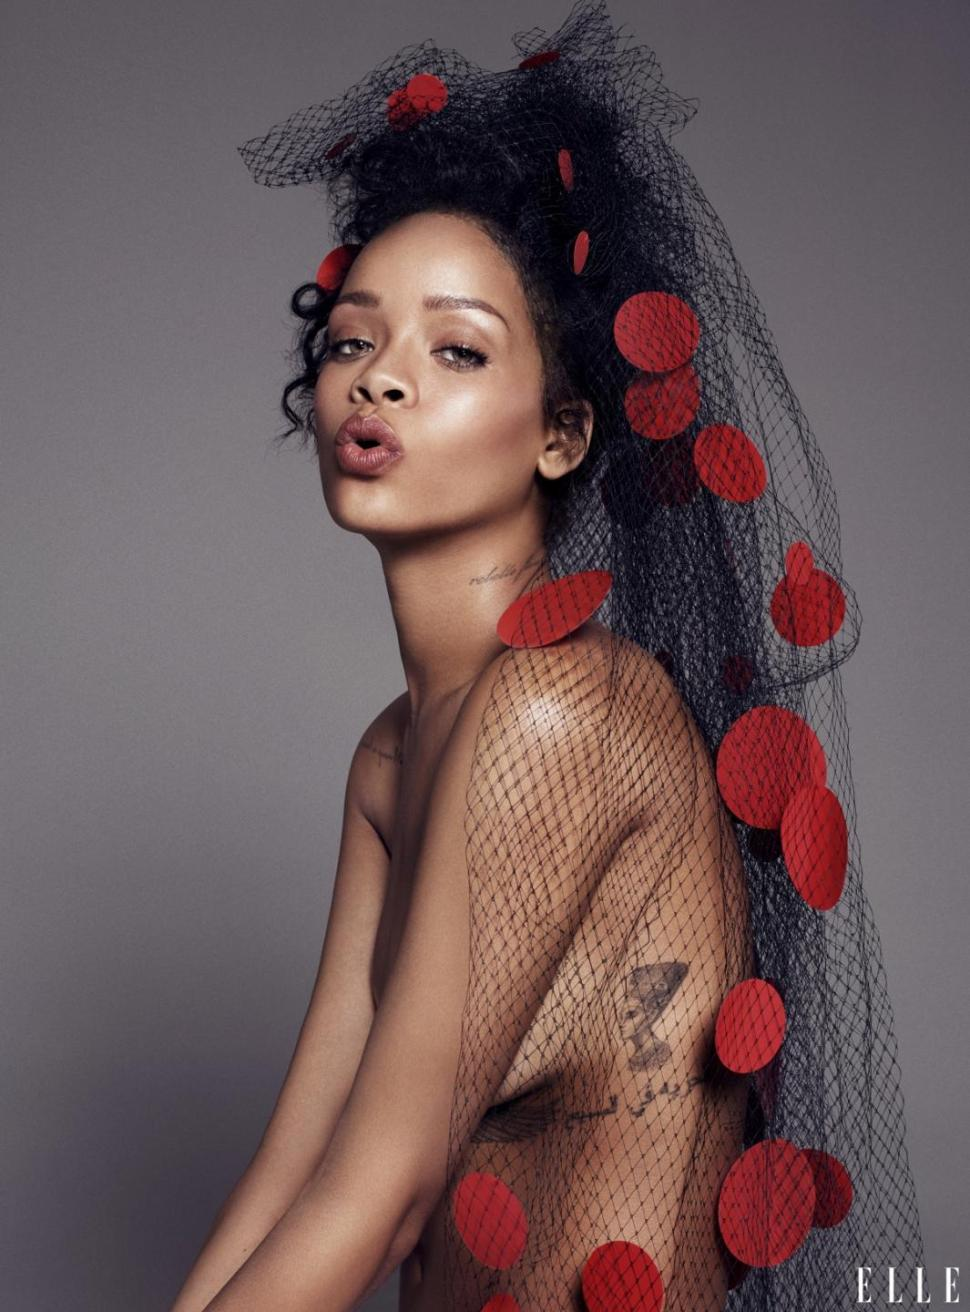 fotos de Rihanna 16